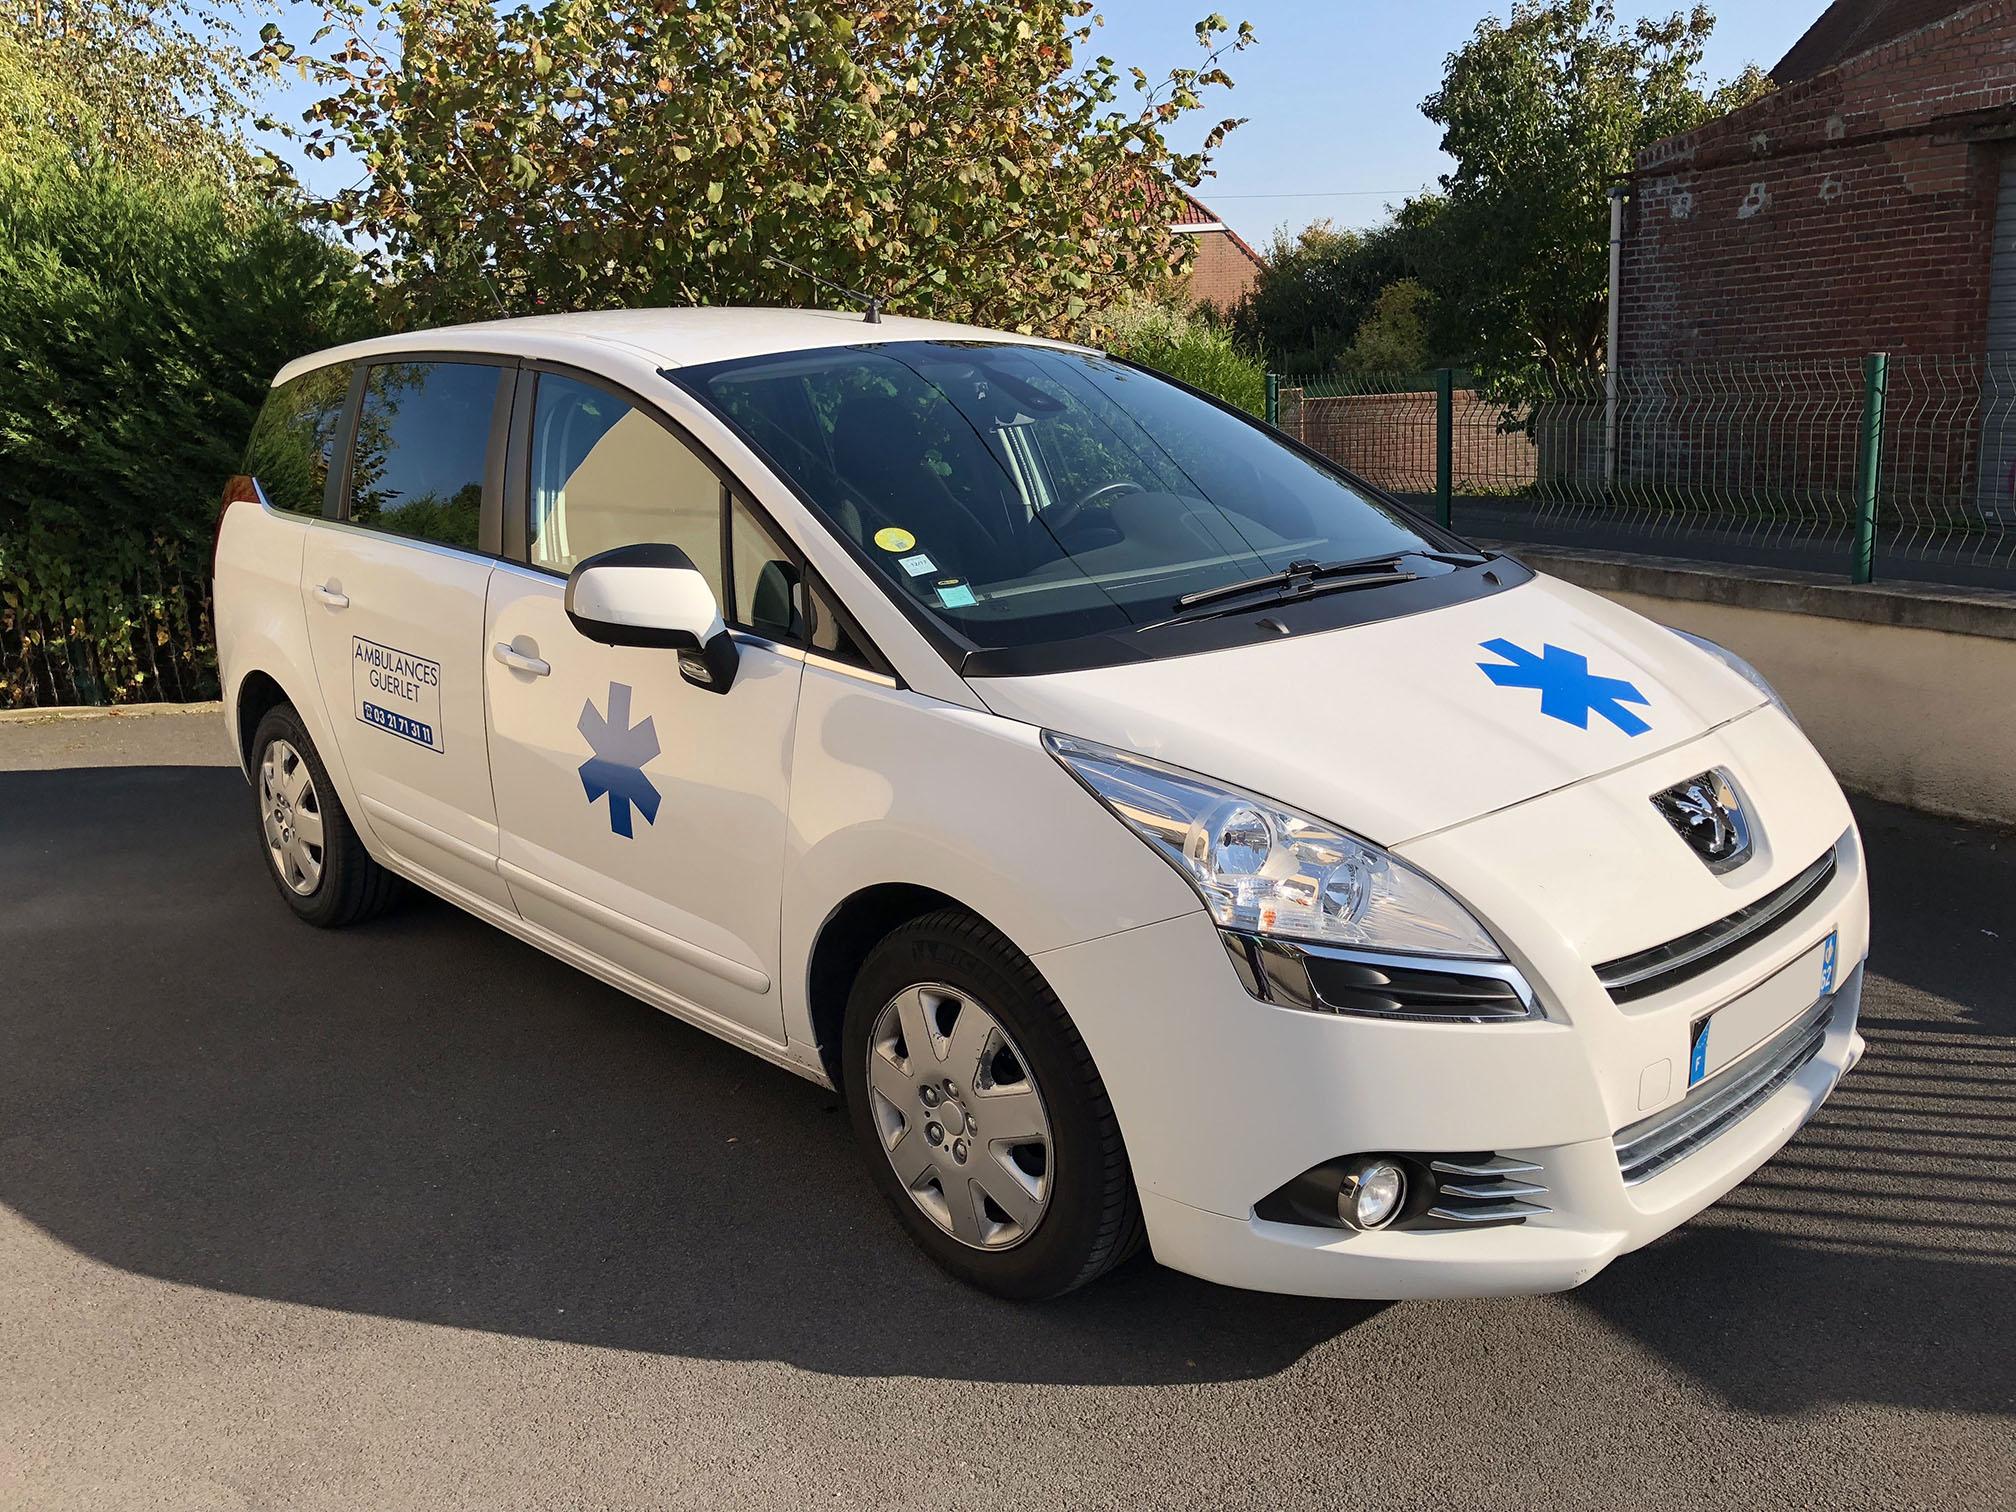 Véhicule sanitaire léger (VSL) de marque Peugeot des ambulances guerlet